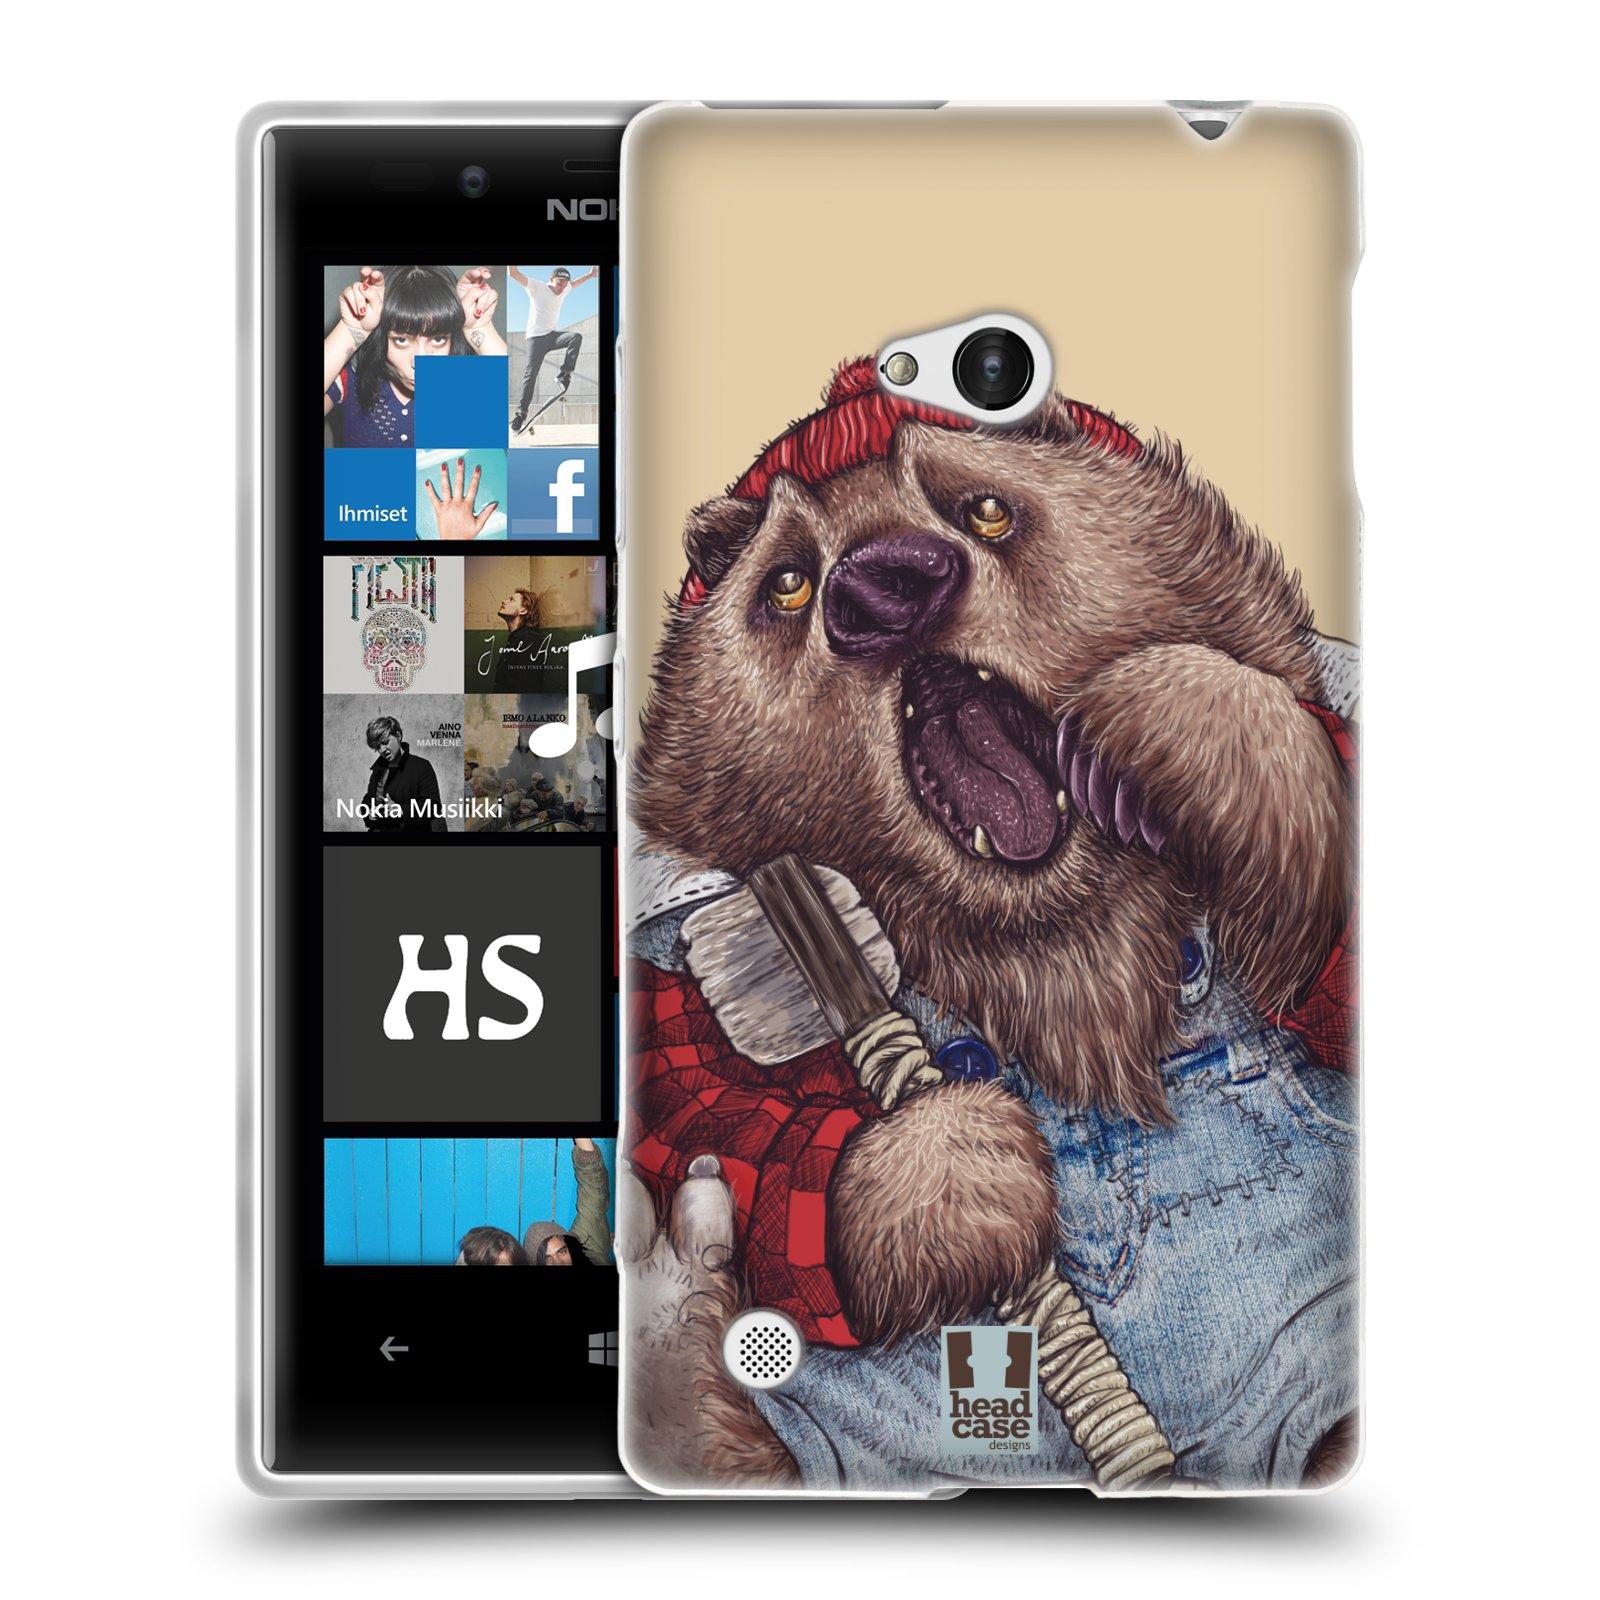 HEAD CASE silikonový obal na mobil NOKIA Lumia 720 vzor Kreslená zvířátka medvěd